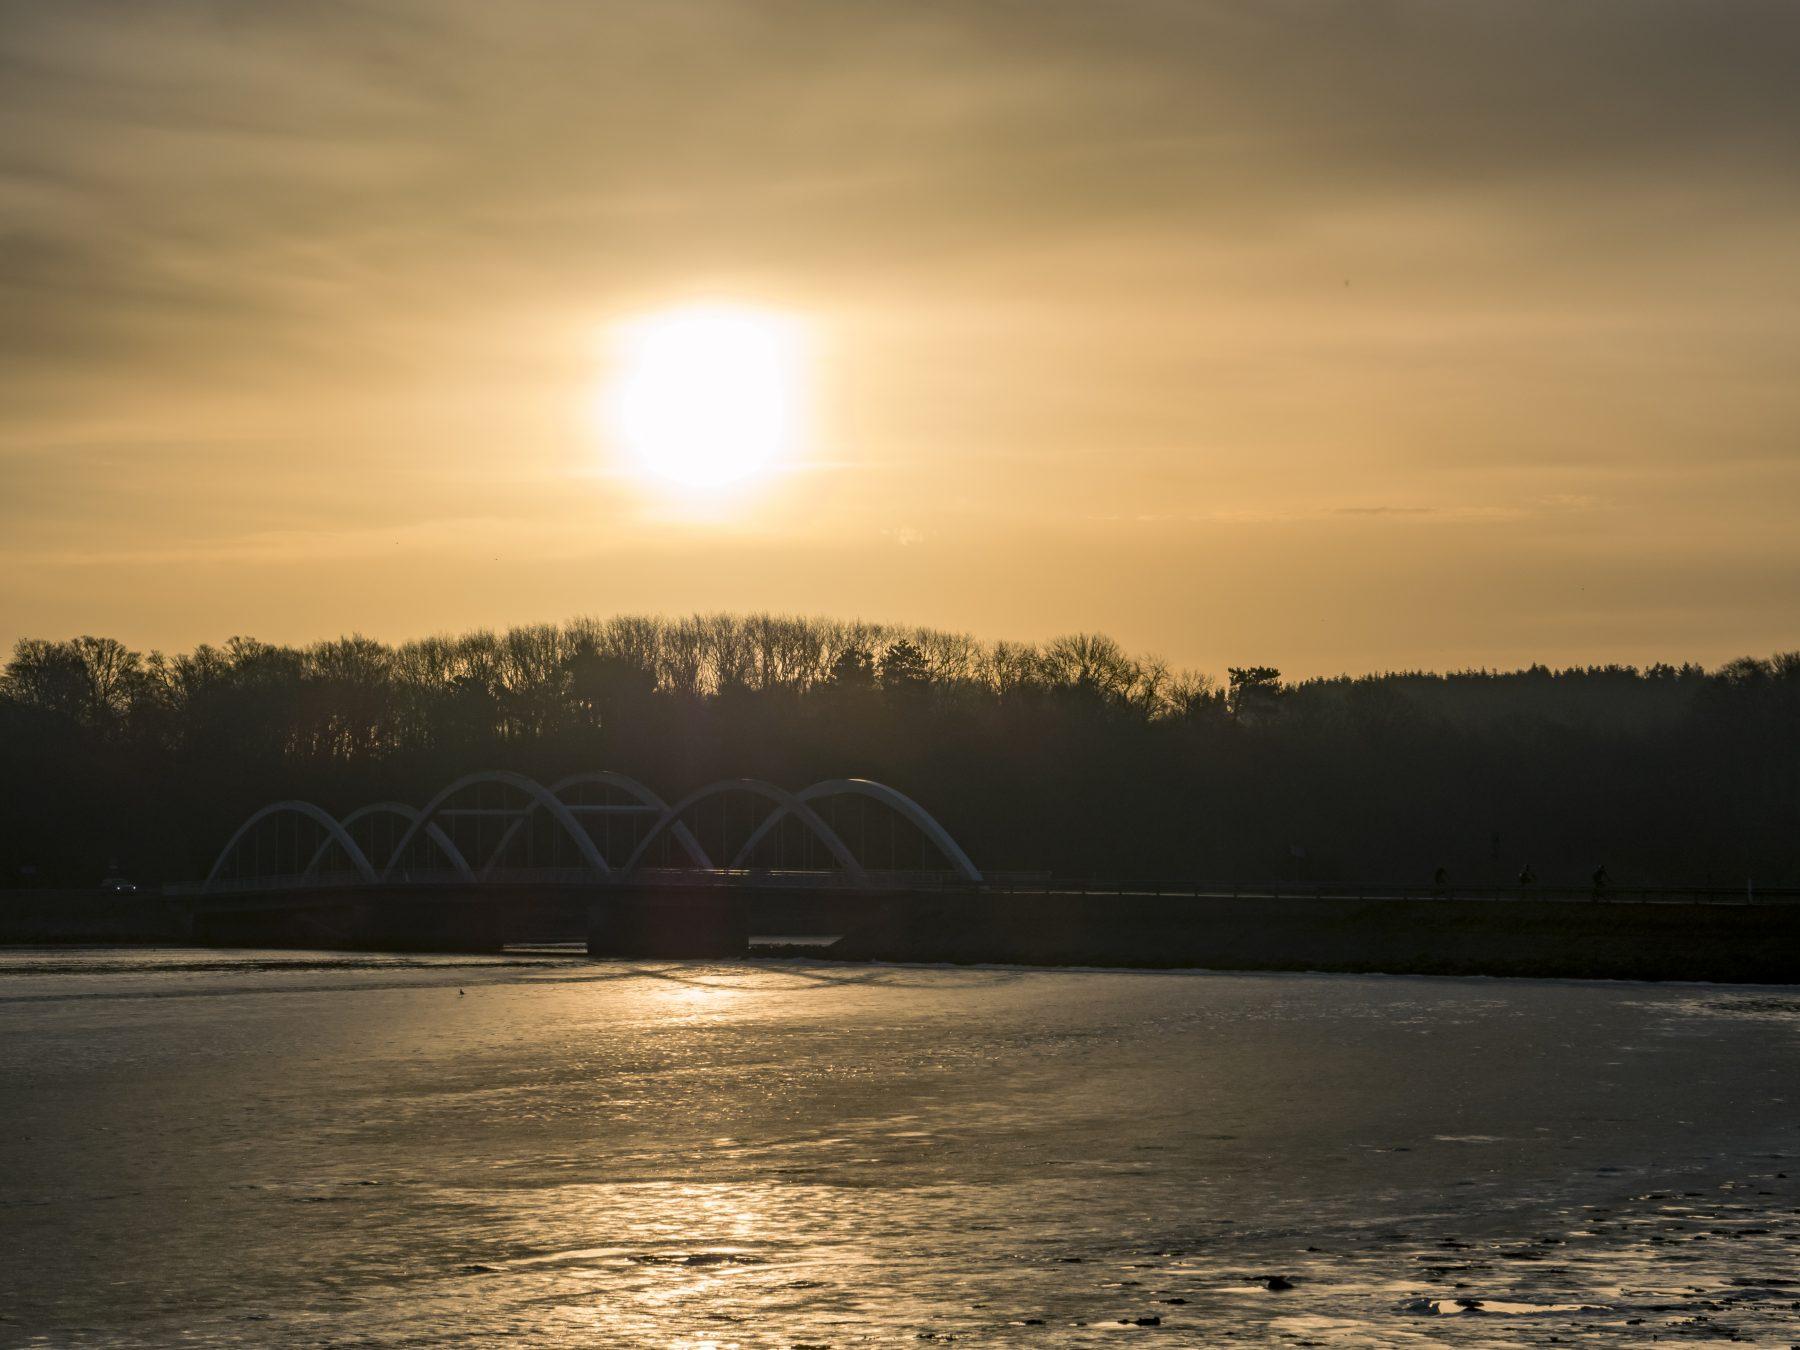 Munkholmbroen